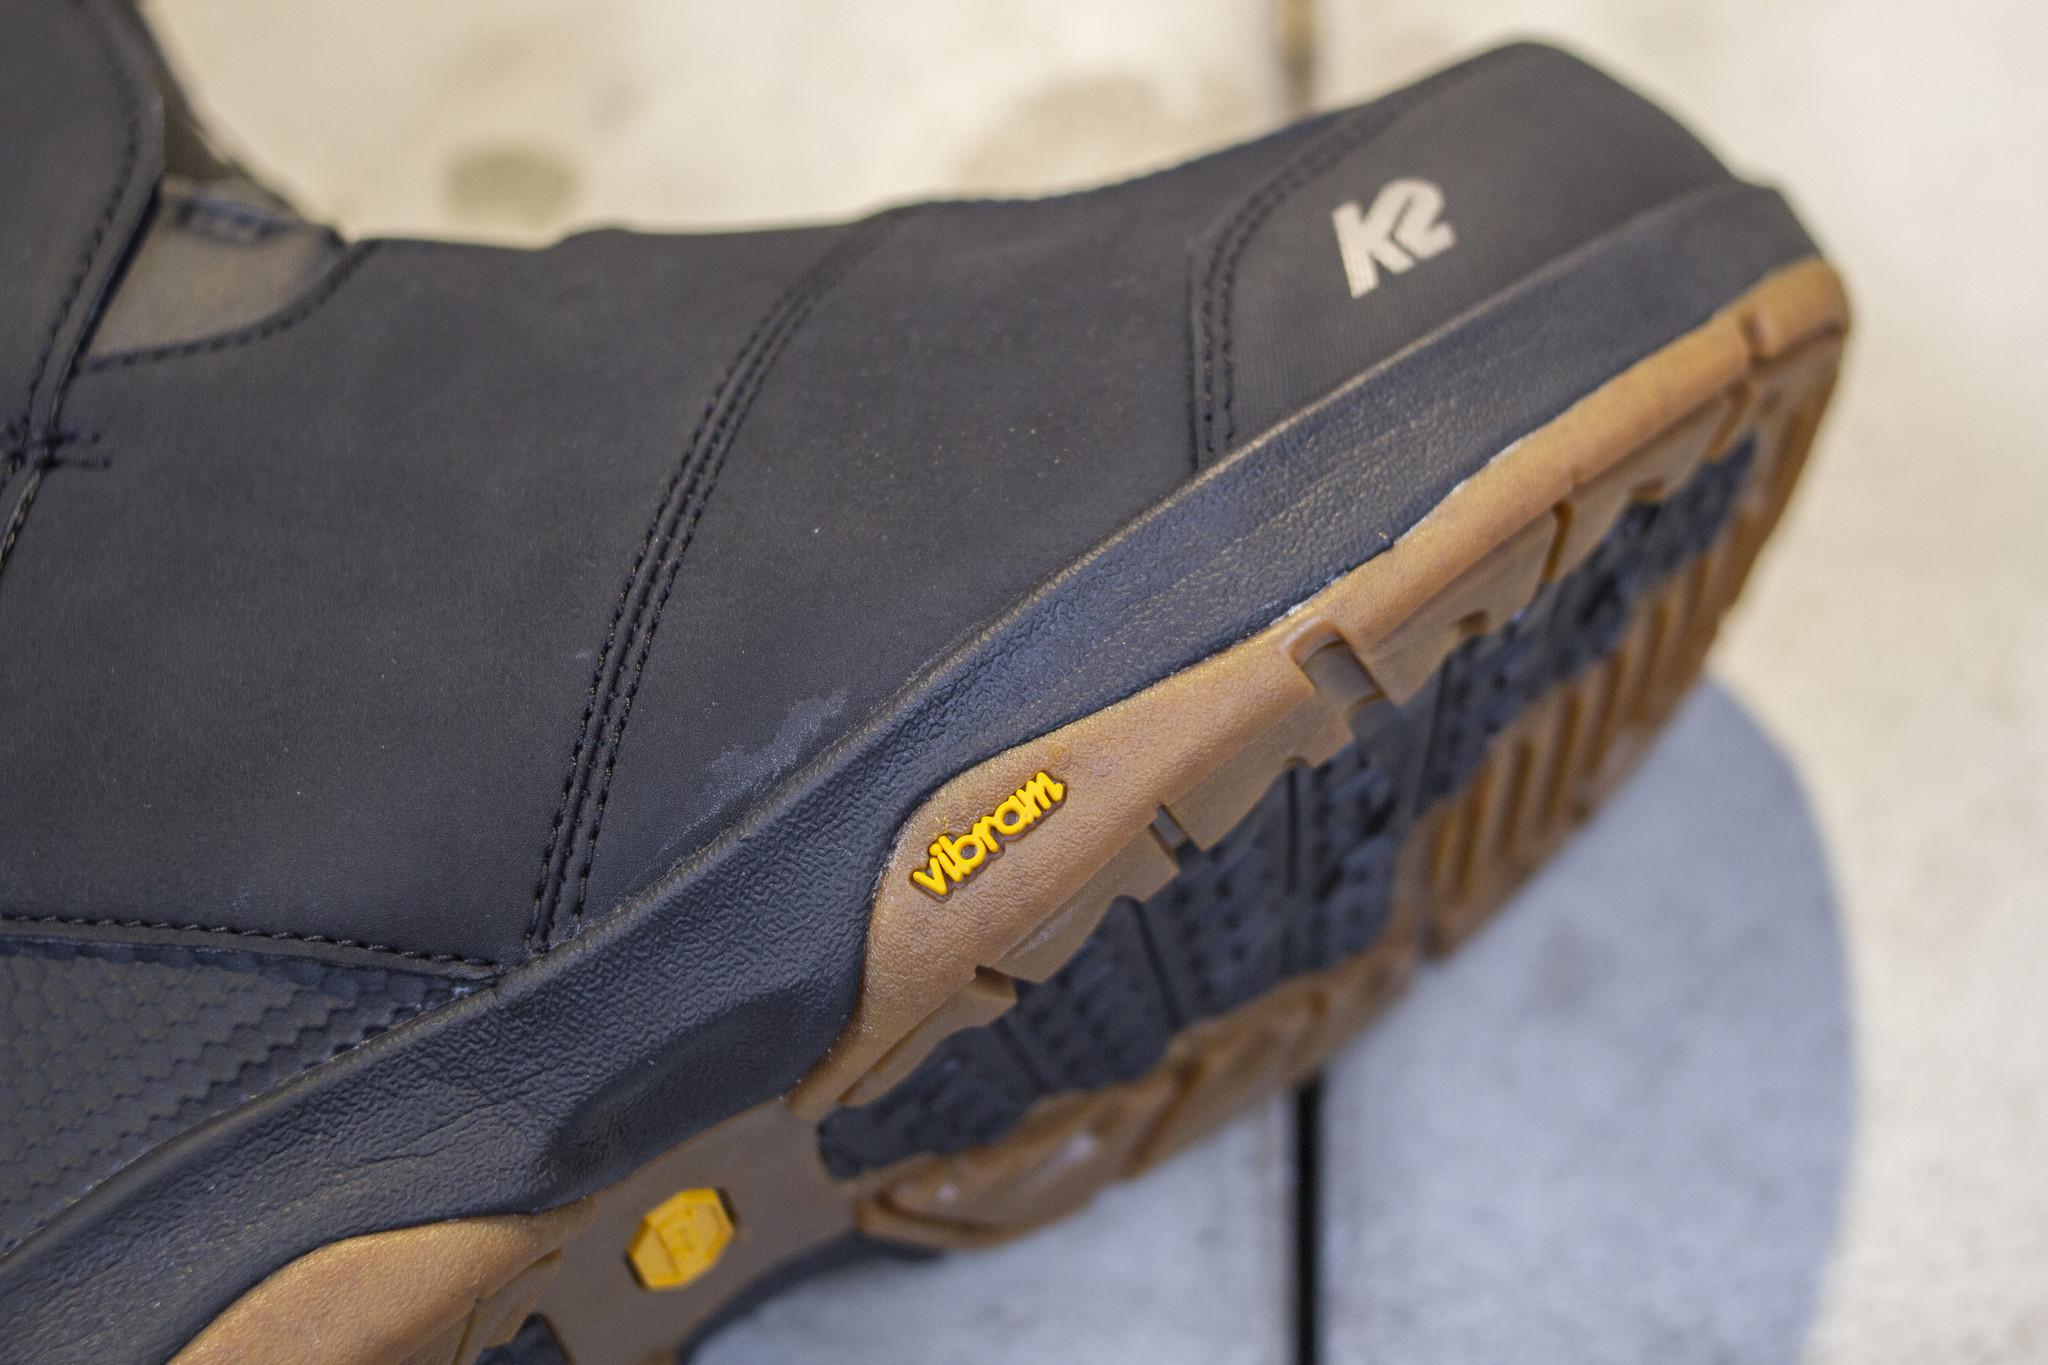 k2-vibram-snowboard-schoen-boots